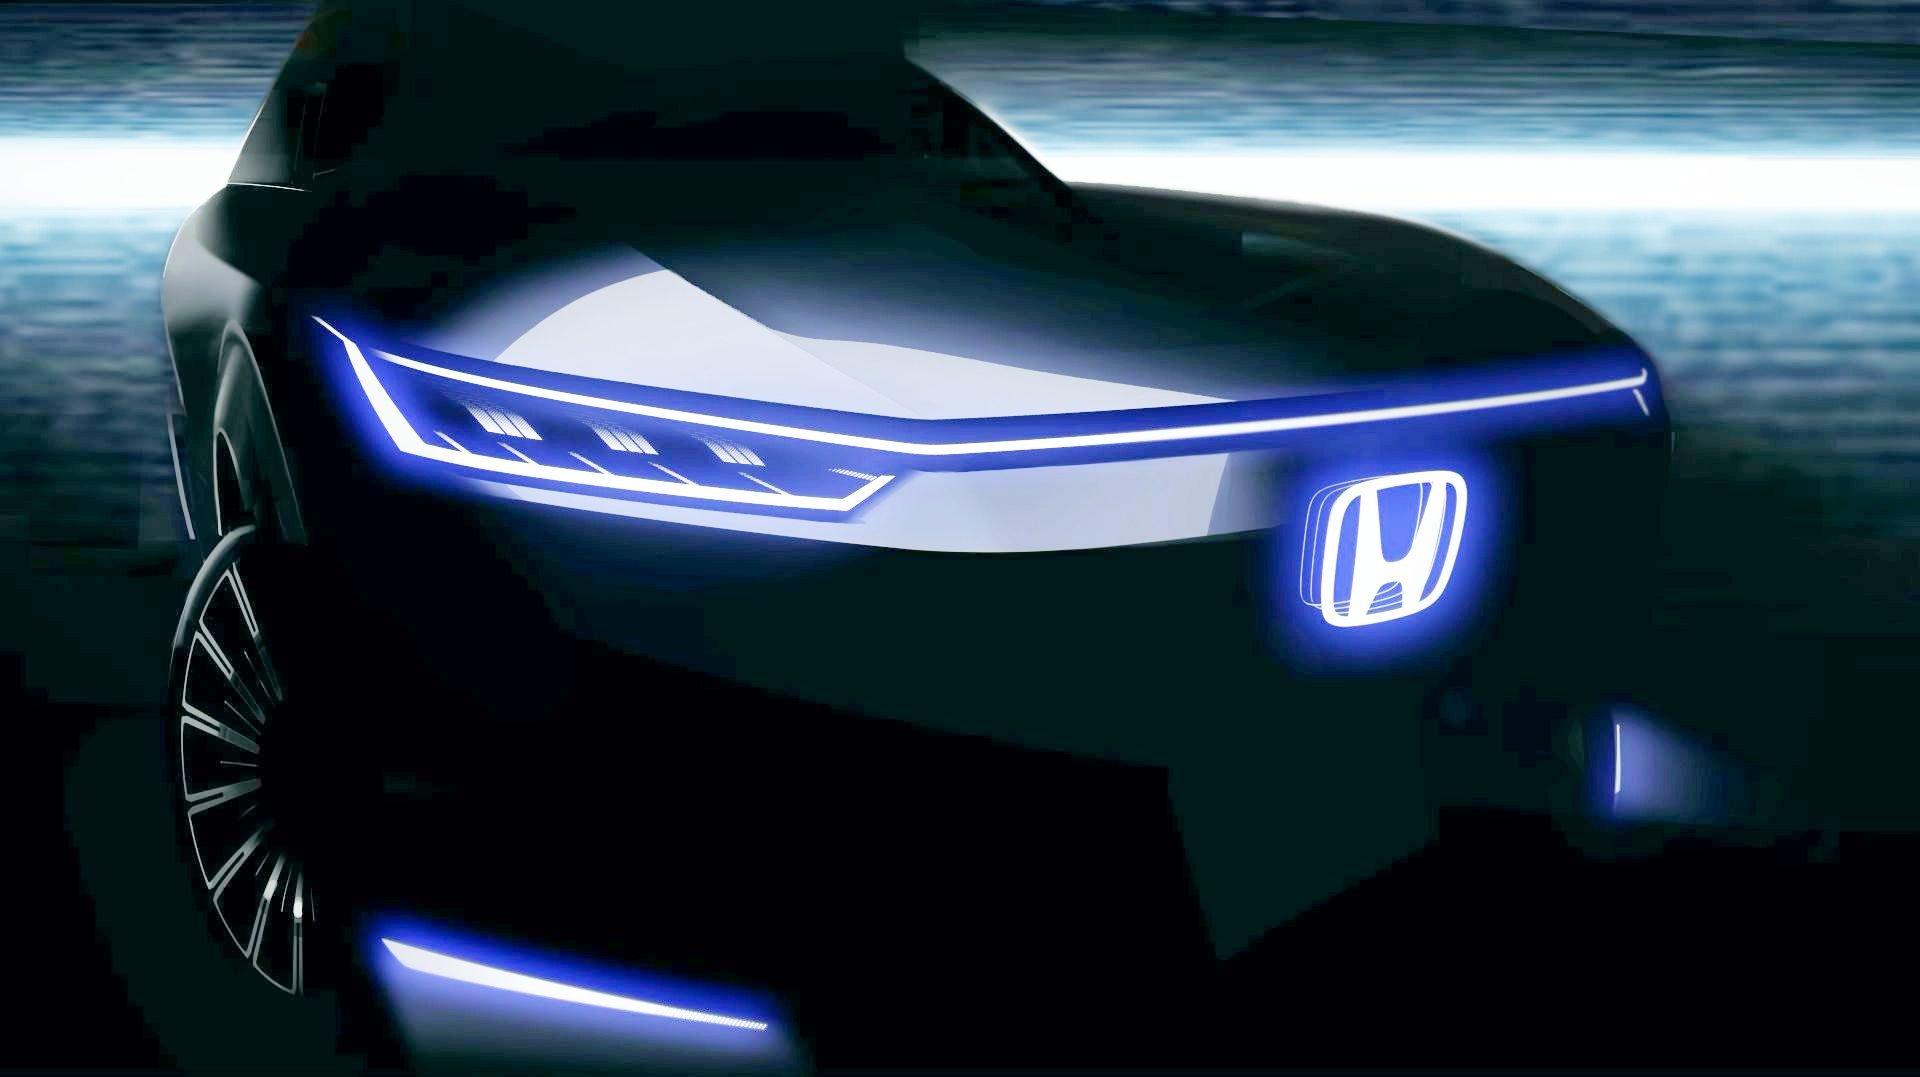 هوندا و آکورا برای ساخت کراس اوورهای الکتریکی از جنرال موتورز پلت فرم قرض میگیرند